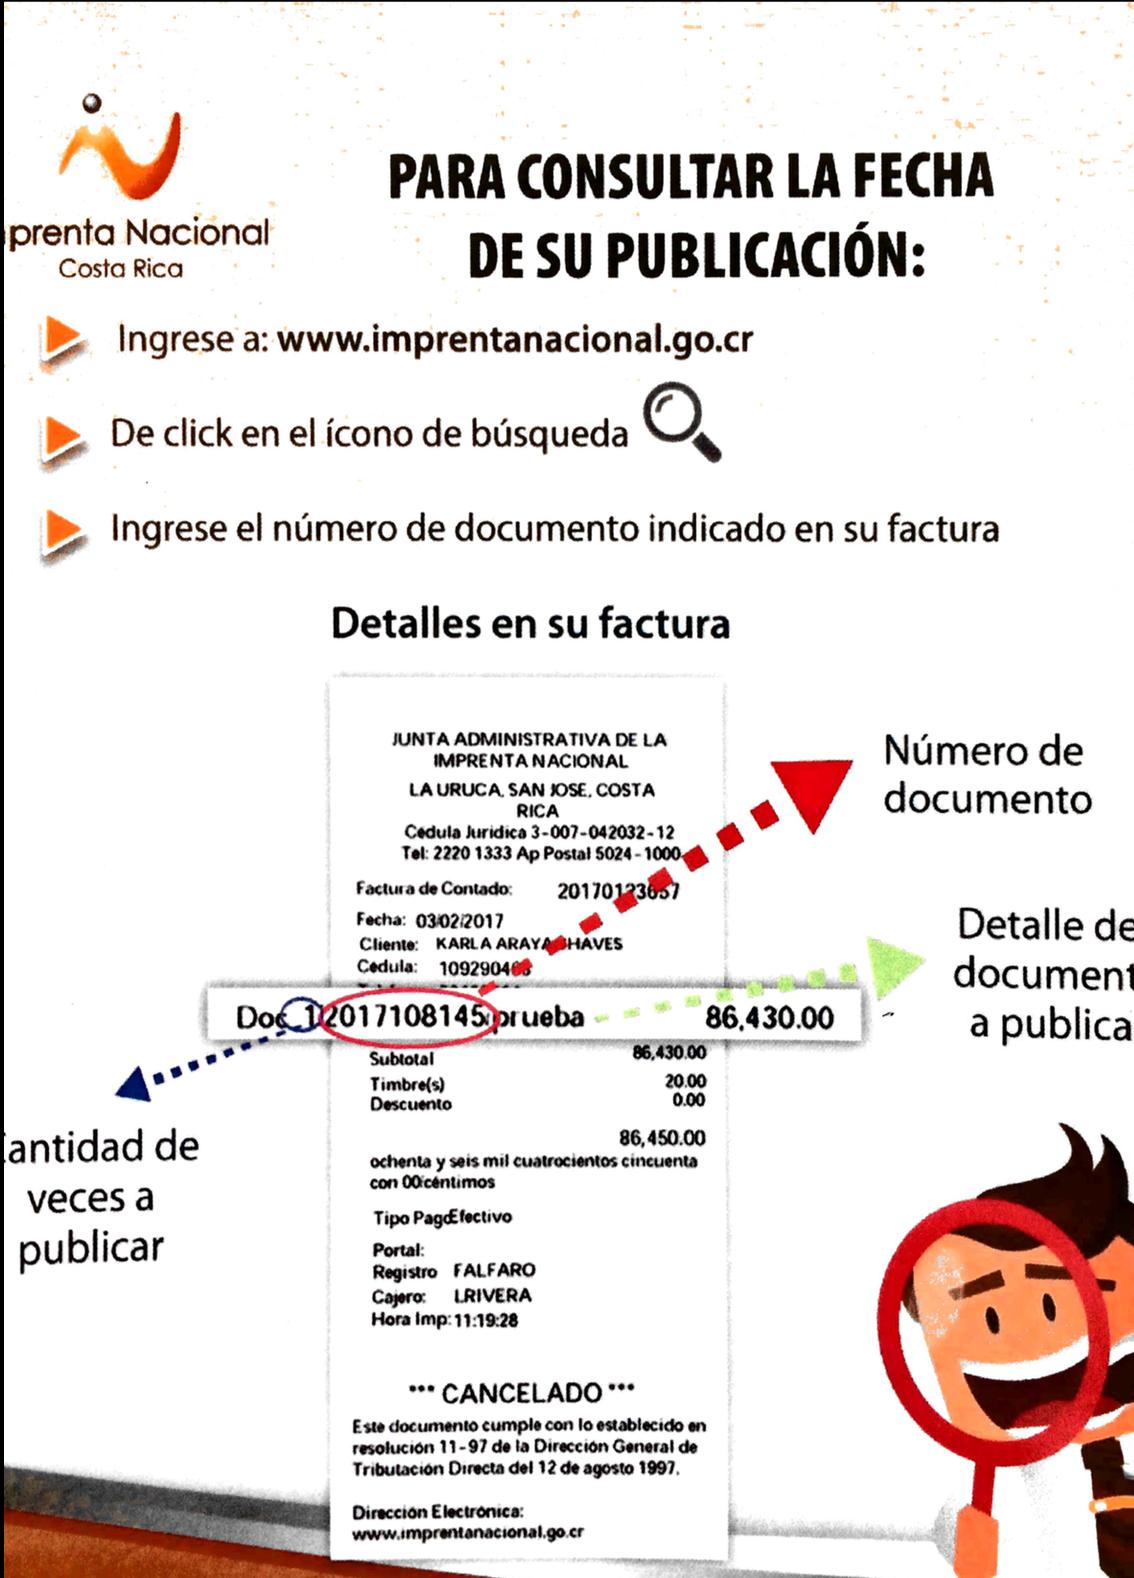 Proceso para revisar publicaciones en La Gaceta.